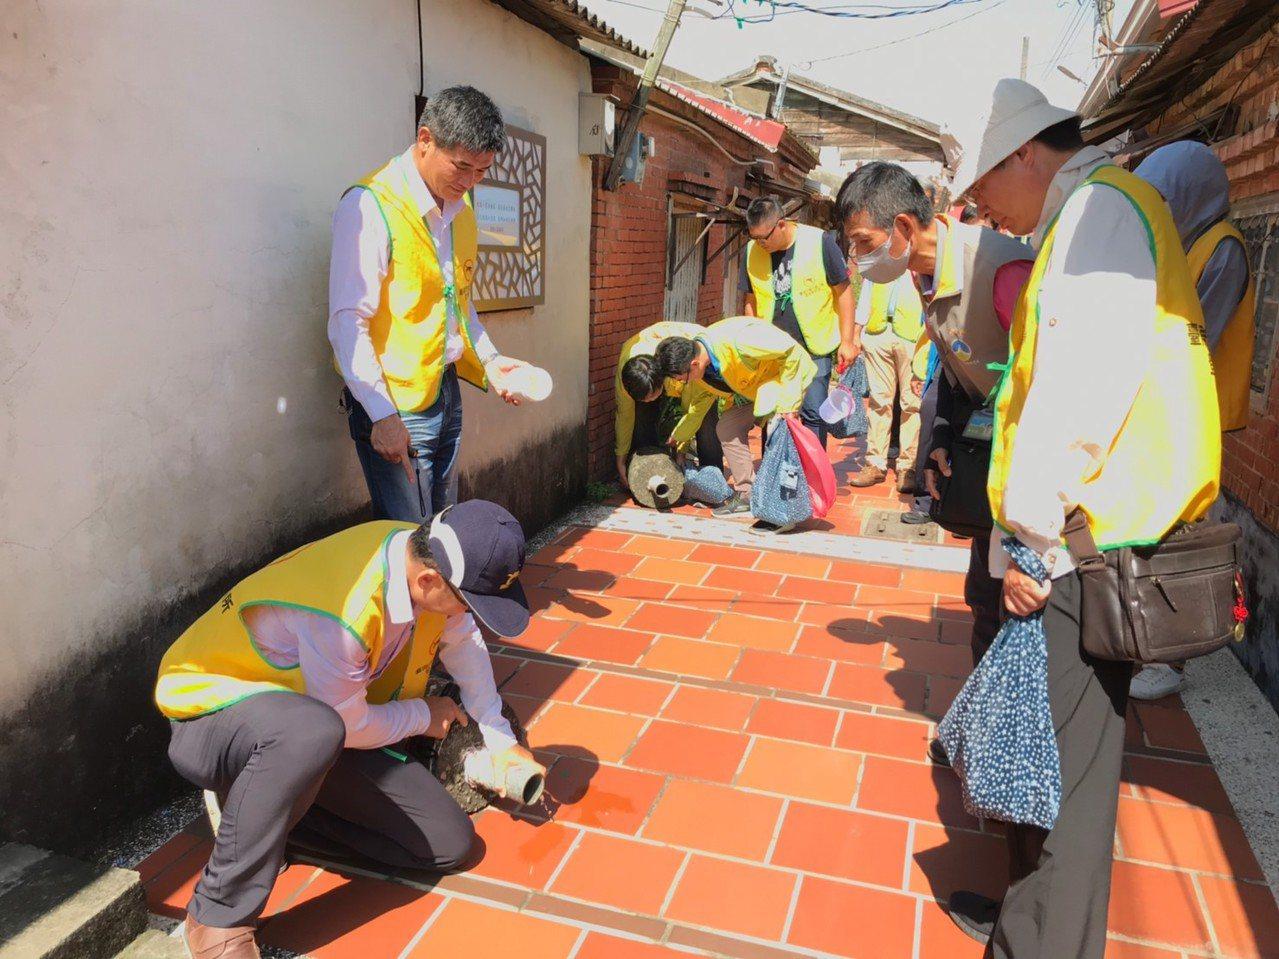 台南市鹽水區公所下午動員檢視巷弄有無孑子。圖/鹽水區公所提供